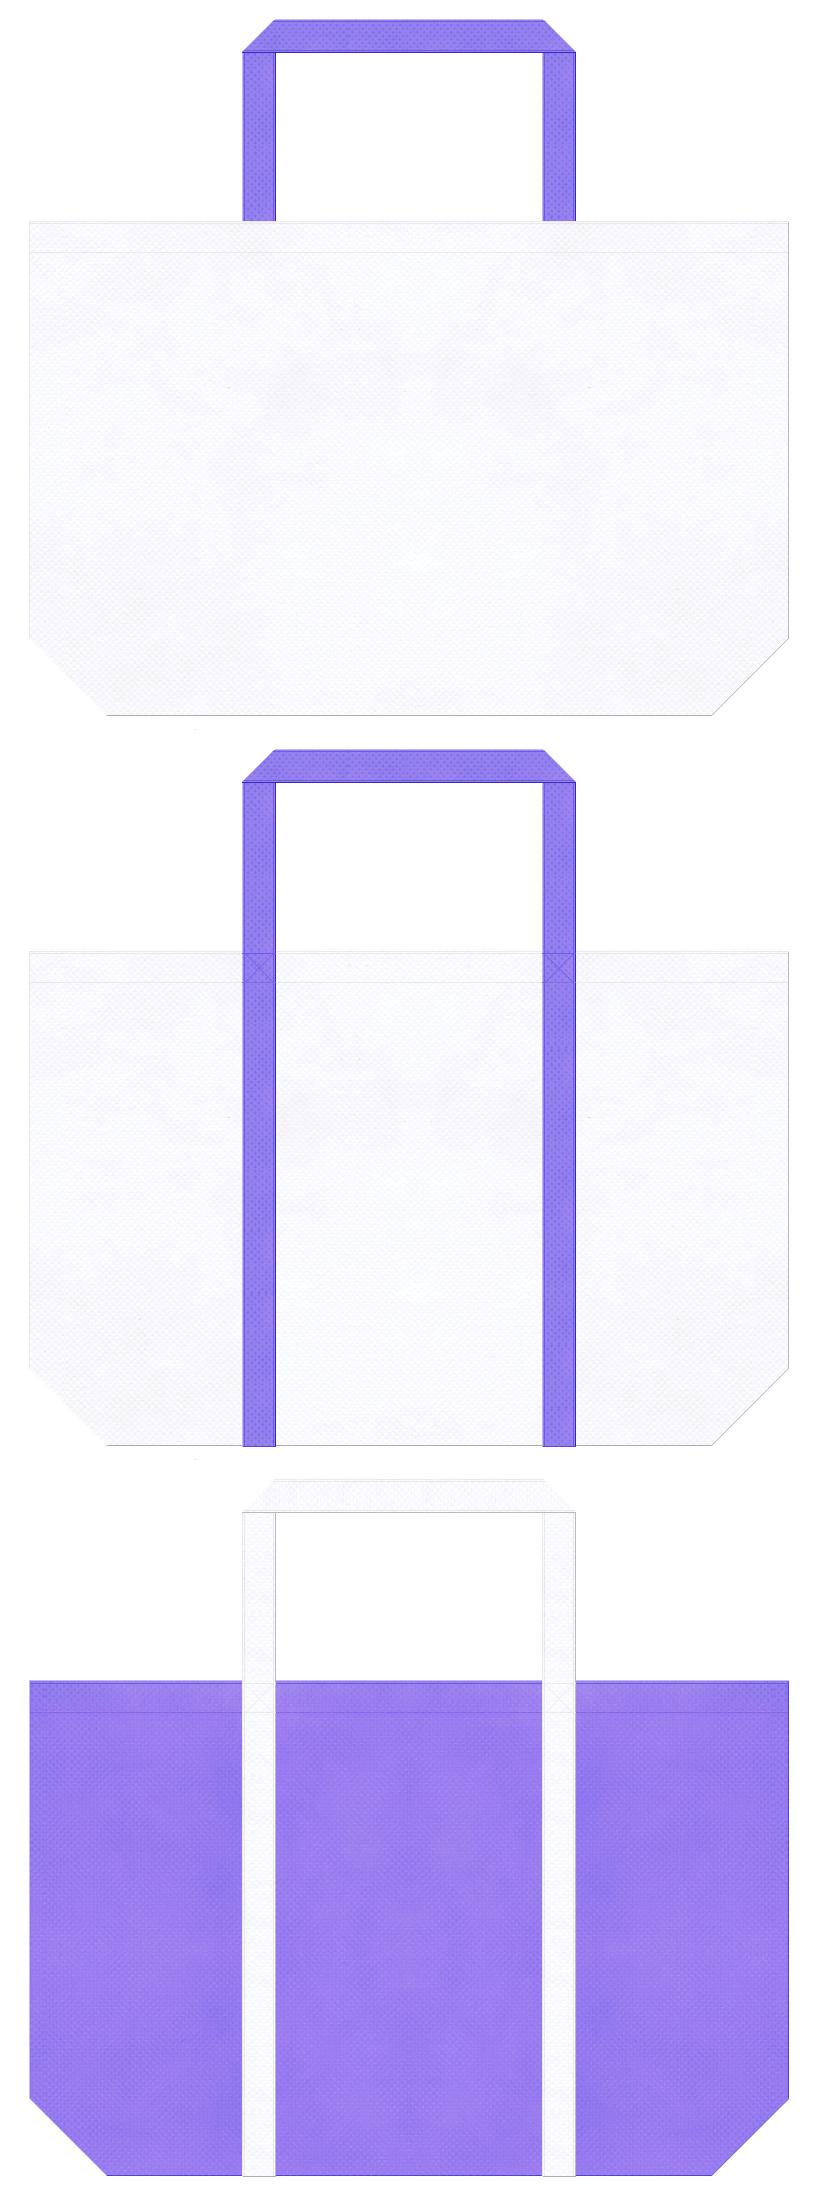 白色と薄紫色の不織布バッグデザイン:冷蔵庫・クーラーの展示会用バッグにお奨めの配色です。